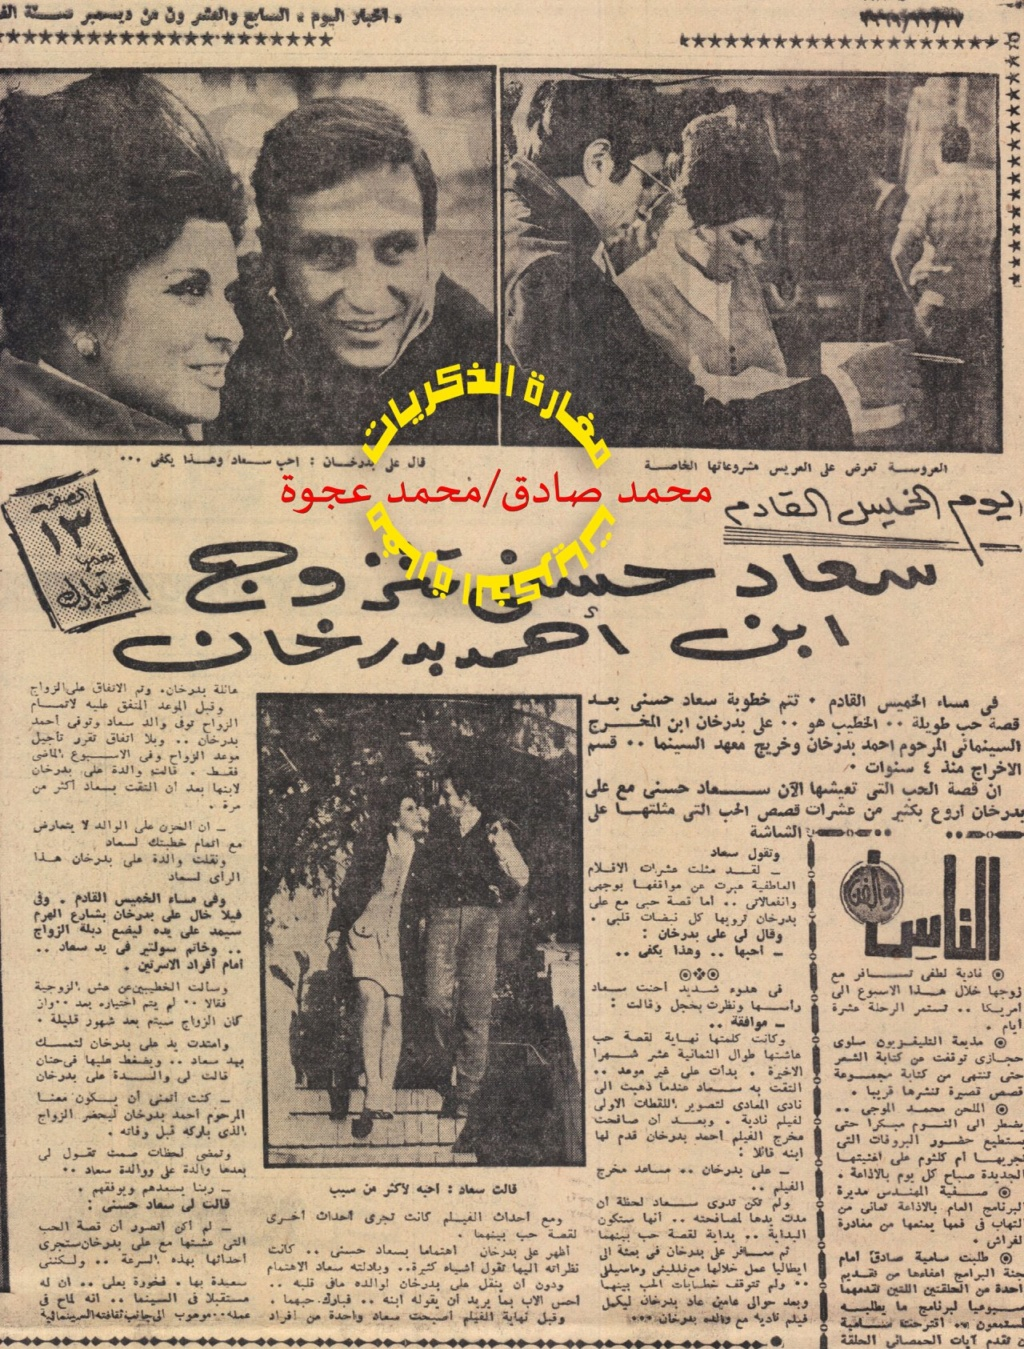 مقال صحفي : يوم الخميس القادم .. سعاد حسني تتزوج ابن أحمد بدرخان 1969 م Oia_ay10